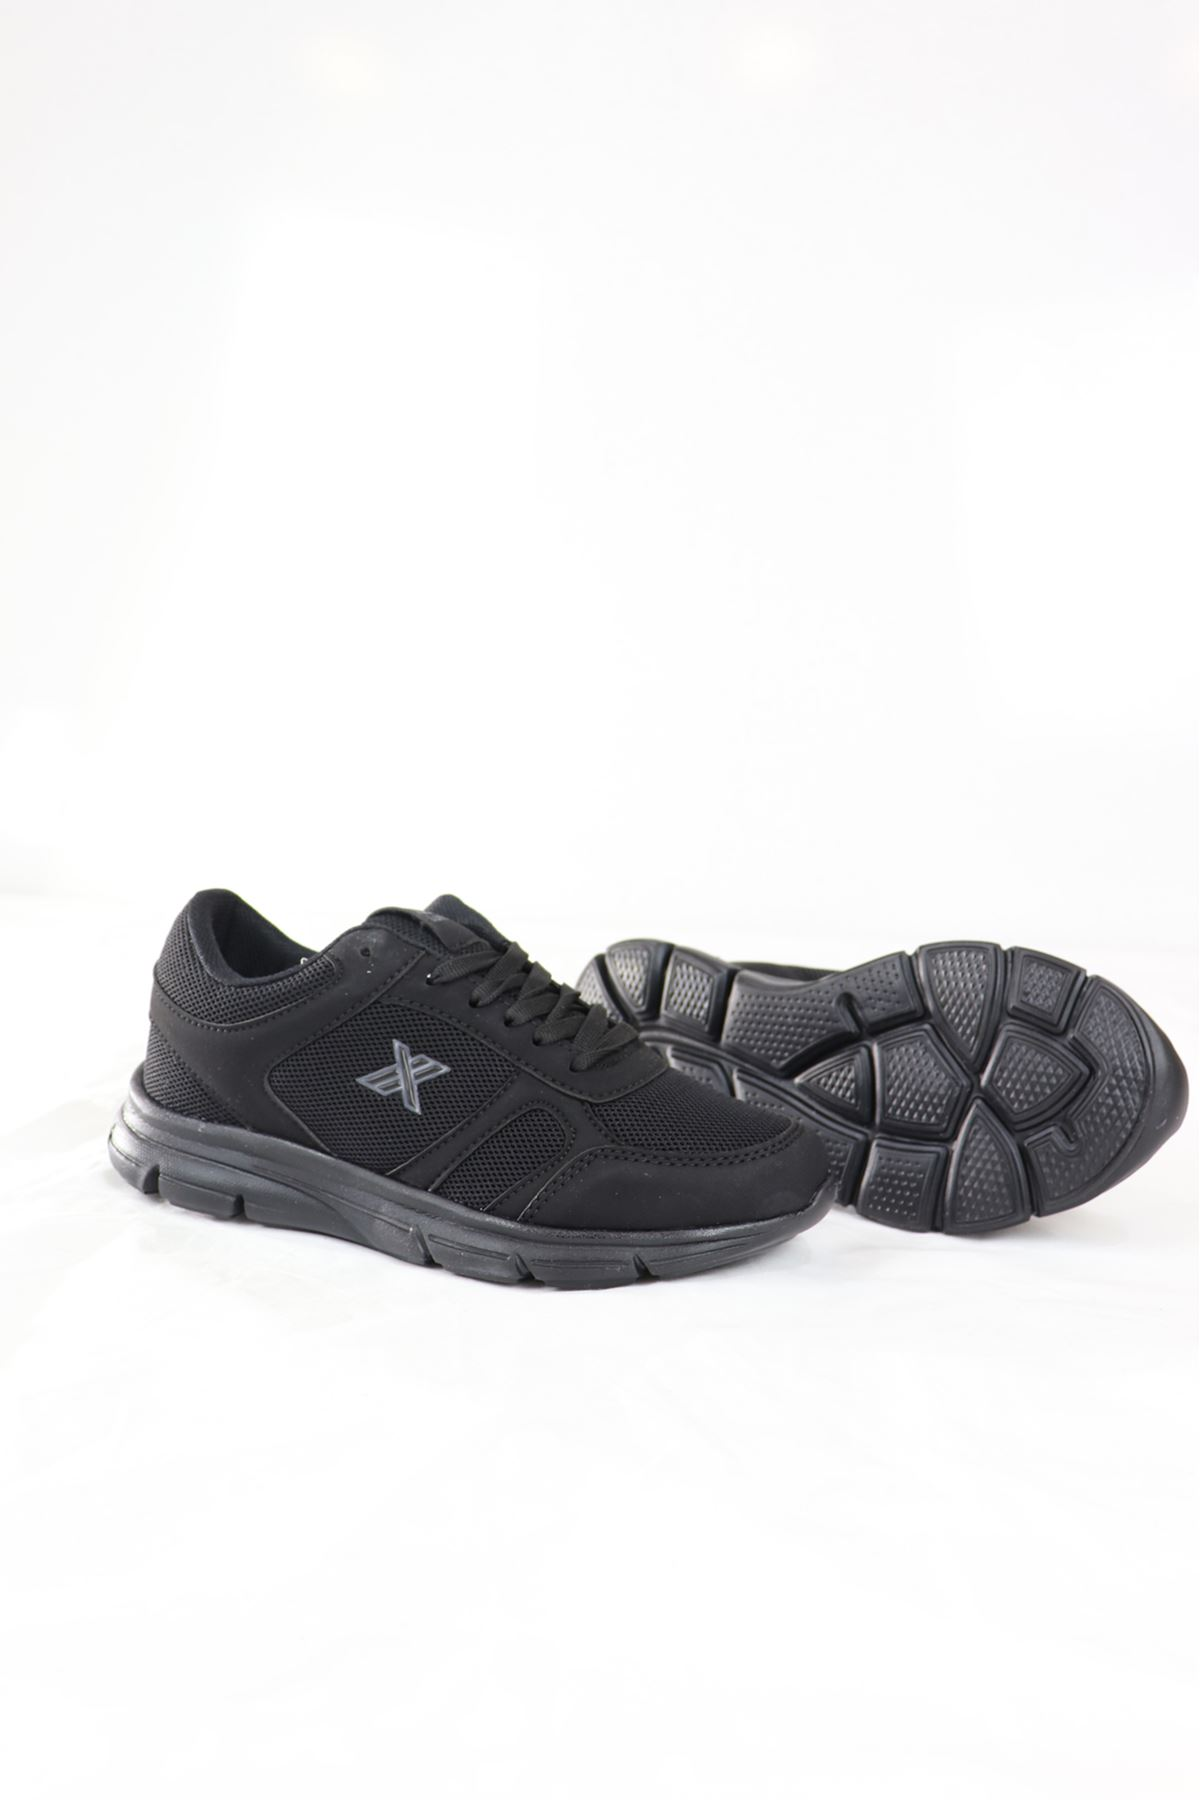 Trendayakkabı - 203 - Siyah füme Kadın Spor Ayakkabısı